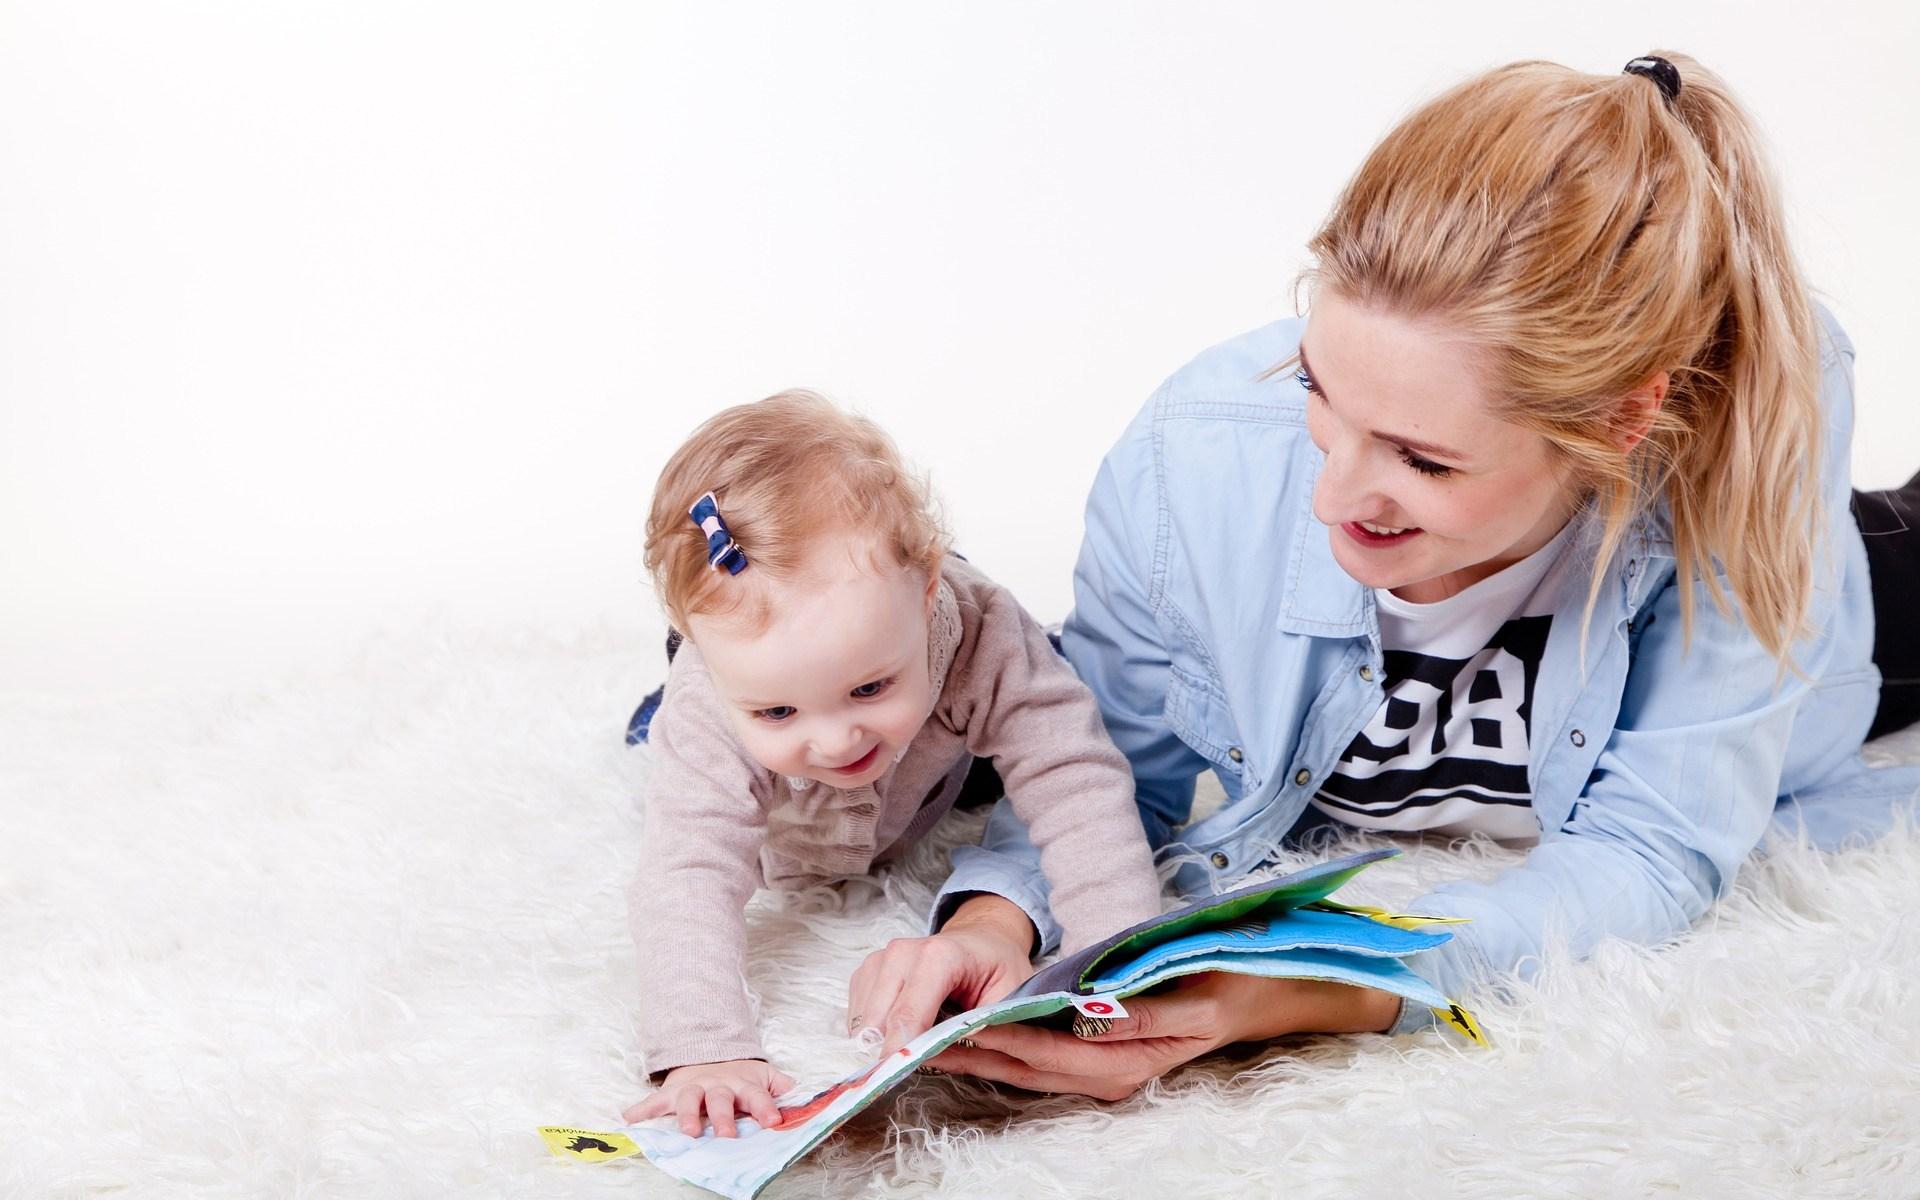 赤ちゃんと英語を楽しめる方法ってありますか?